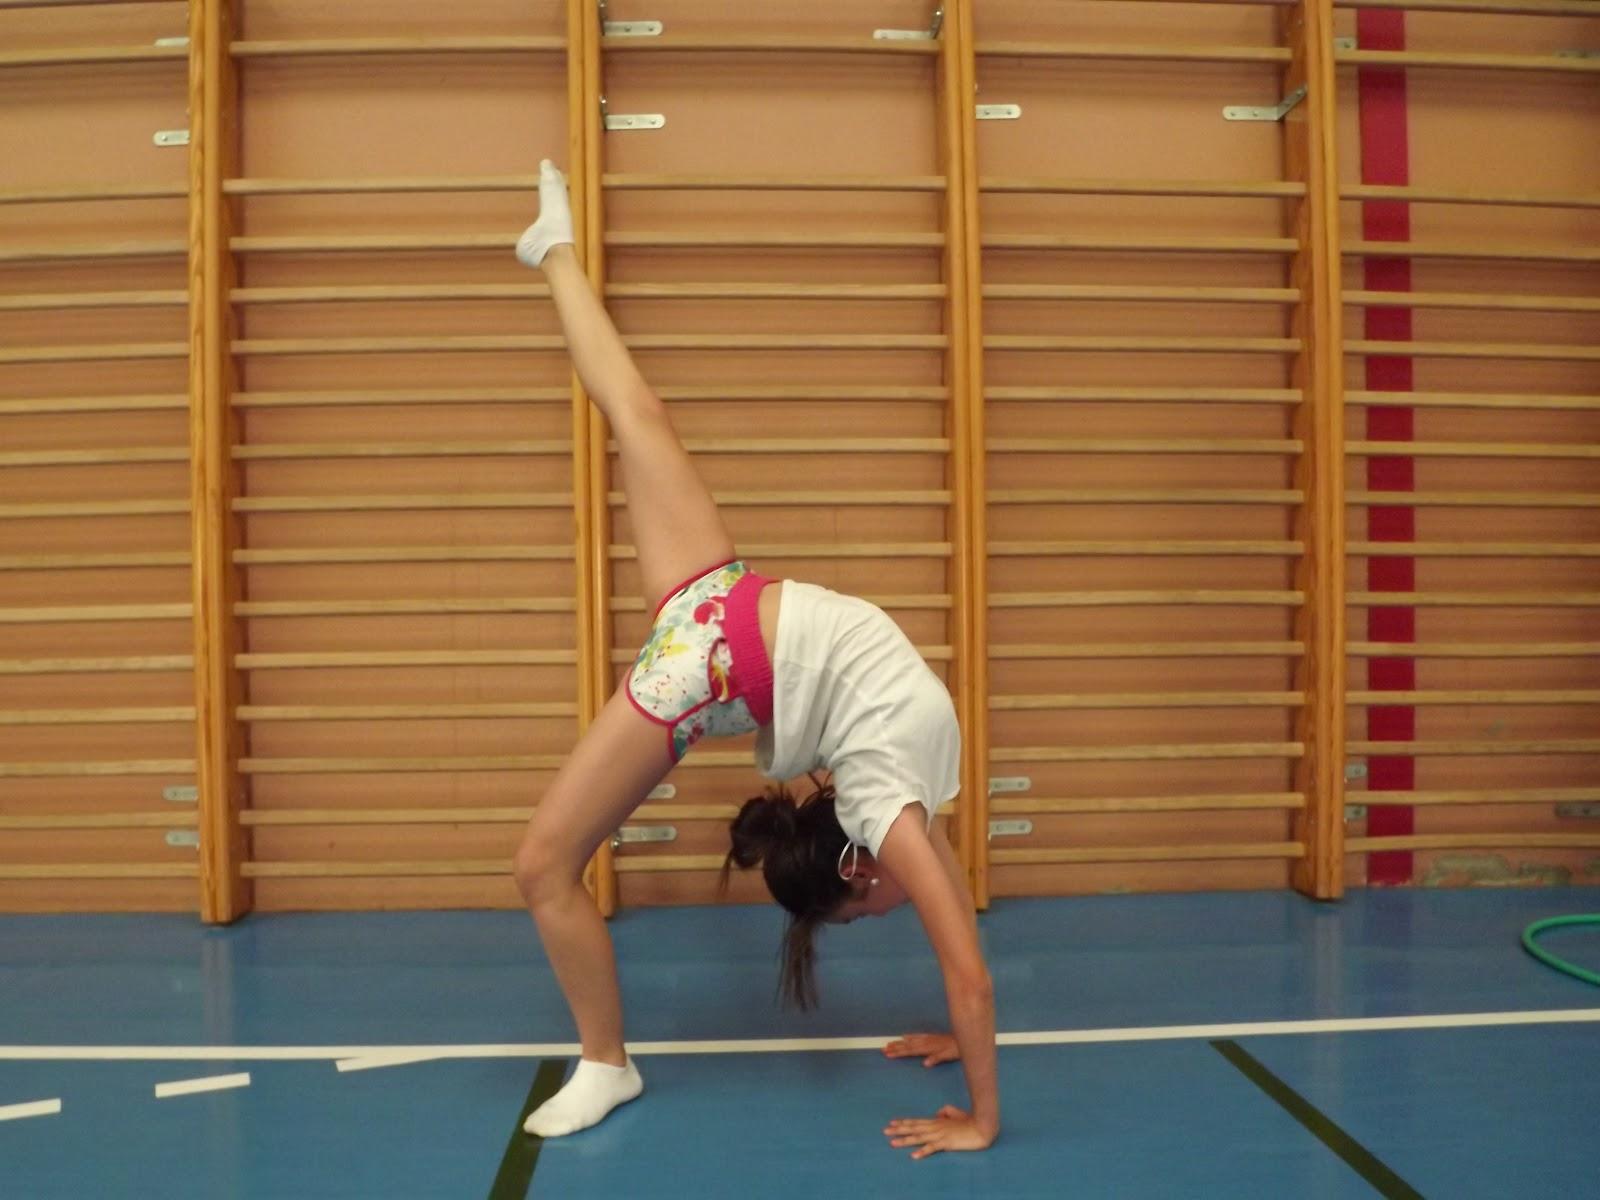 Profesora de gimnasia 02 - 2 part 1